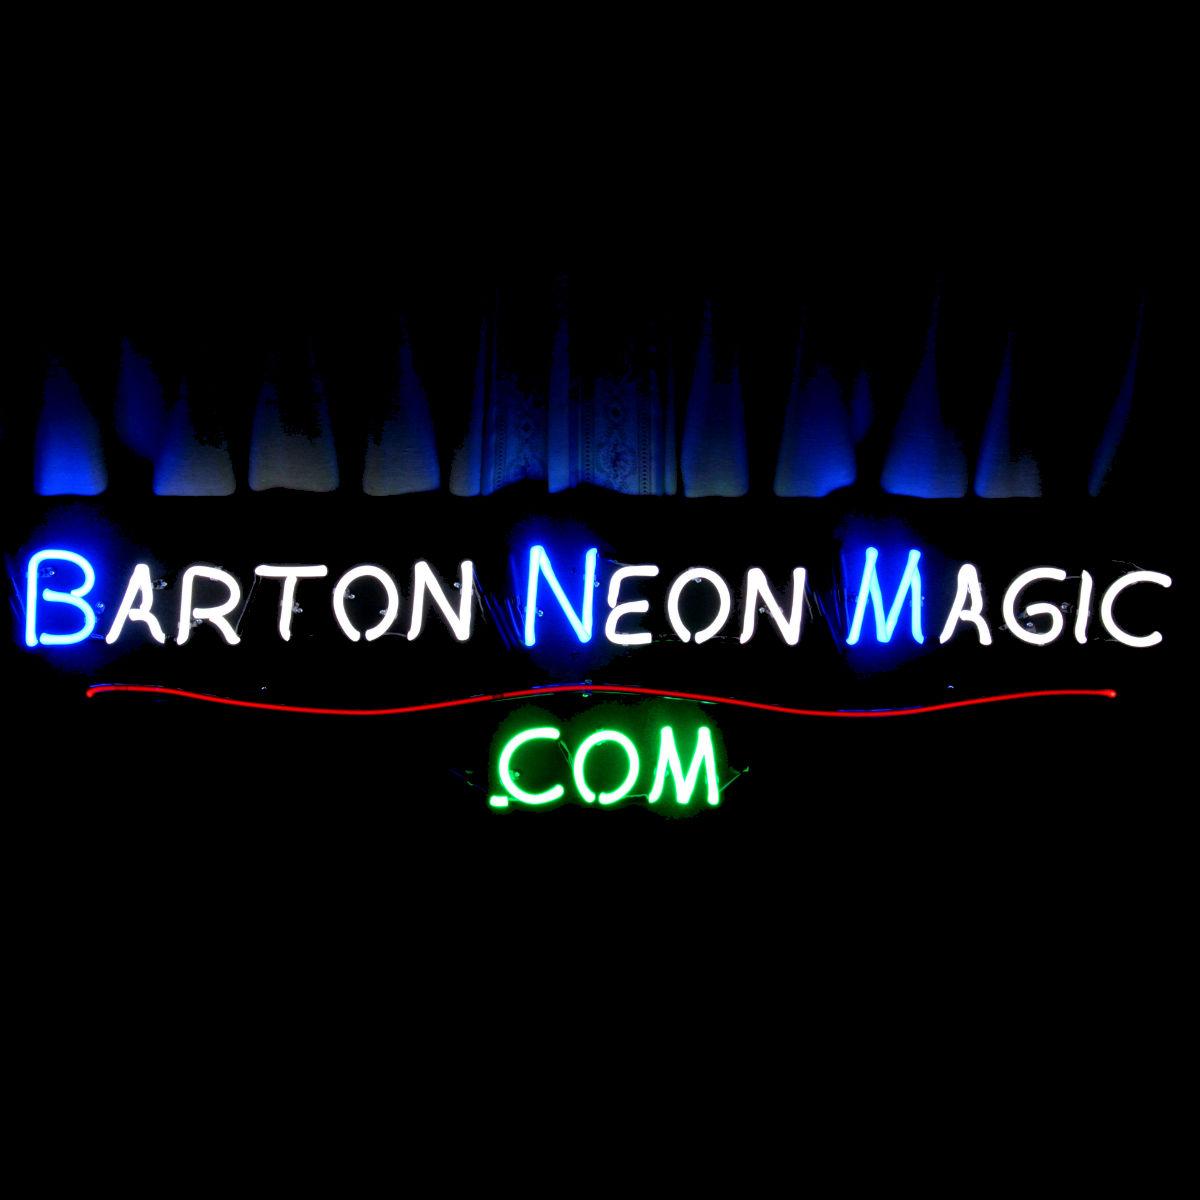 BartonNeonMagic.com - Packard Car Neon Dealership Signs by John Barton - former Packard New Car Dealer